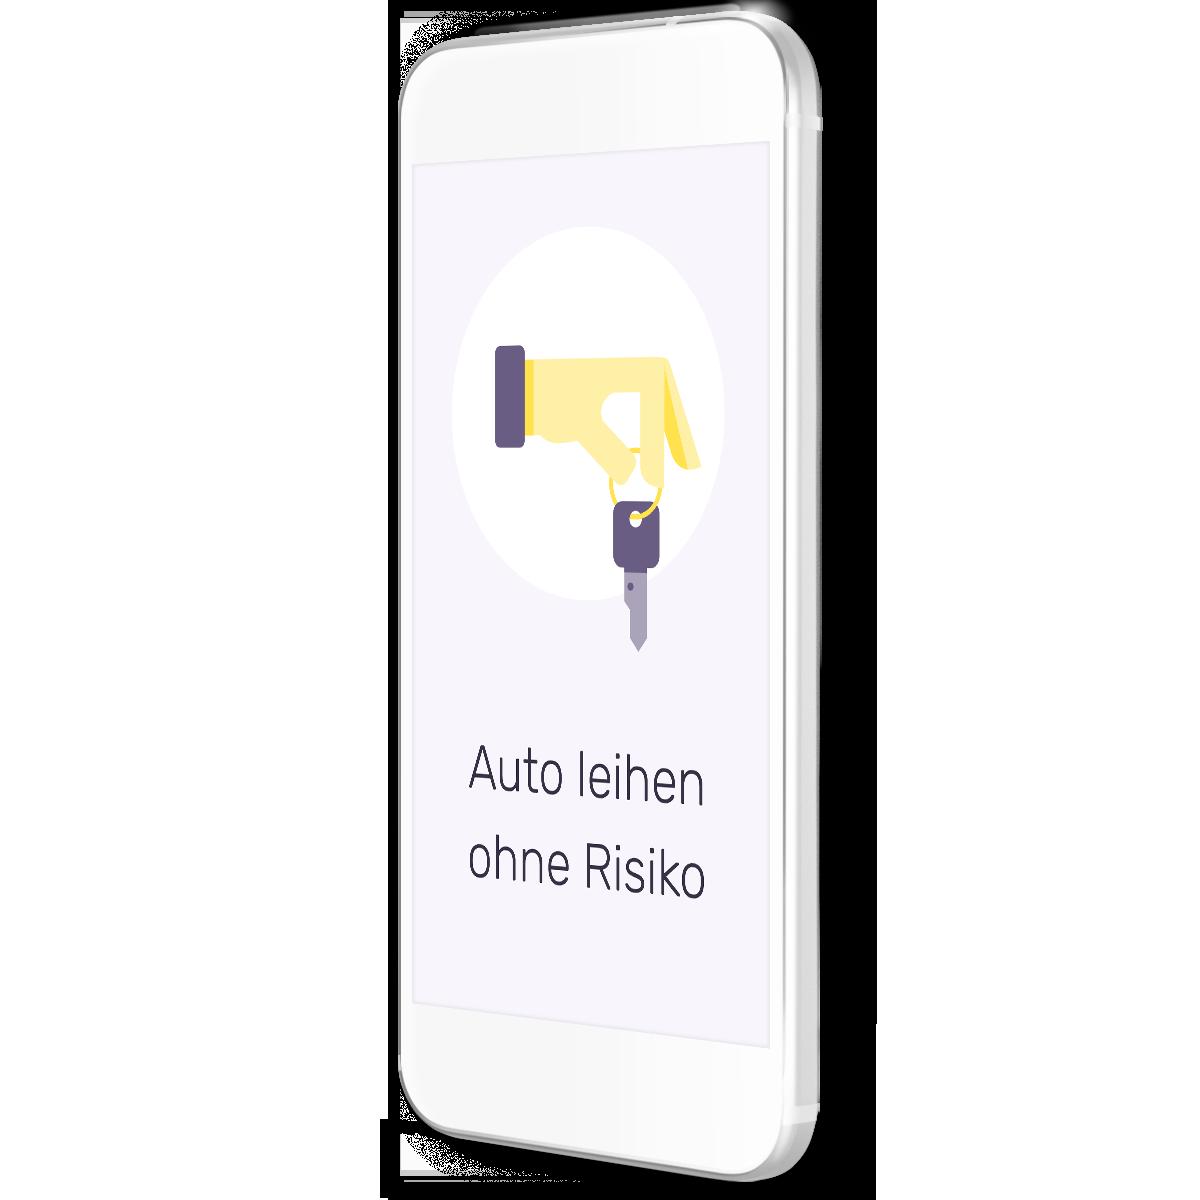 Smartphone mit Text Auto leihen ohne Risiko